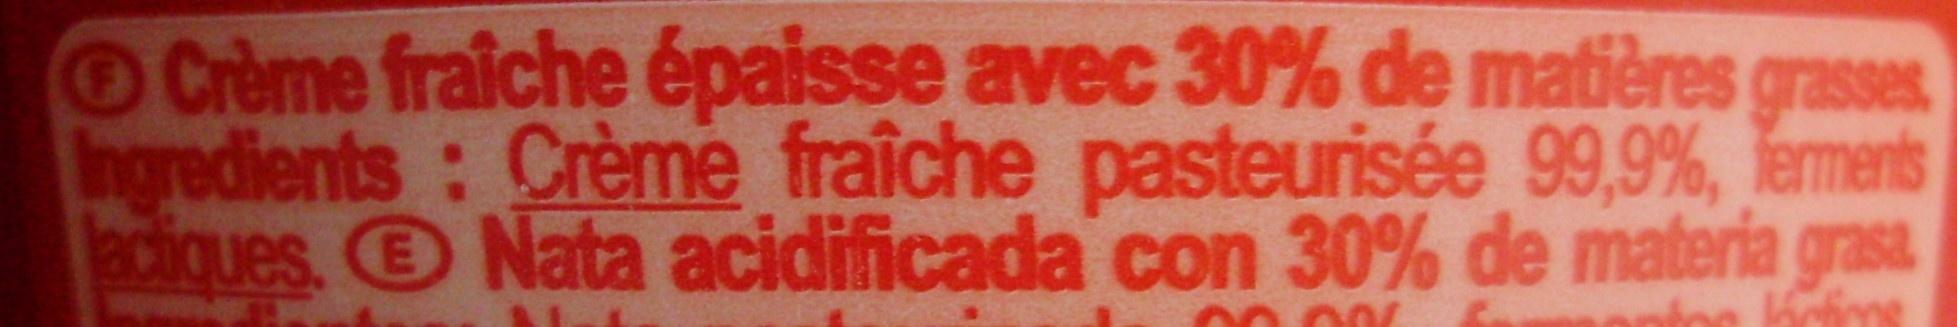 Crème fraîche épaisseEntière - Ingredients - fr